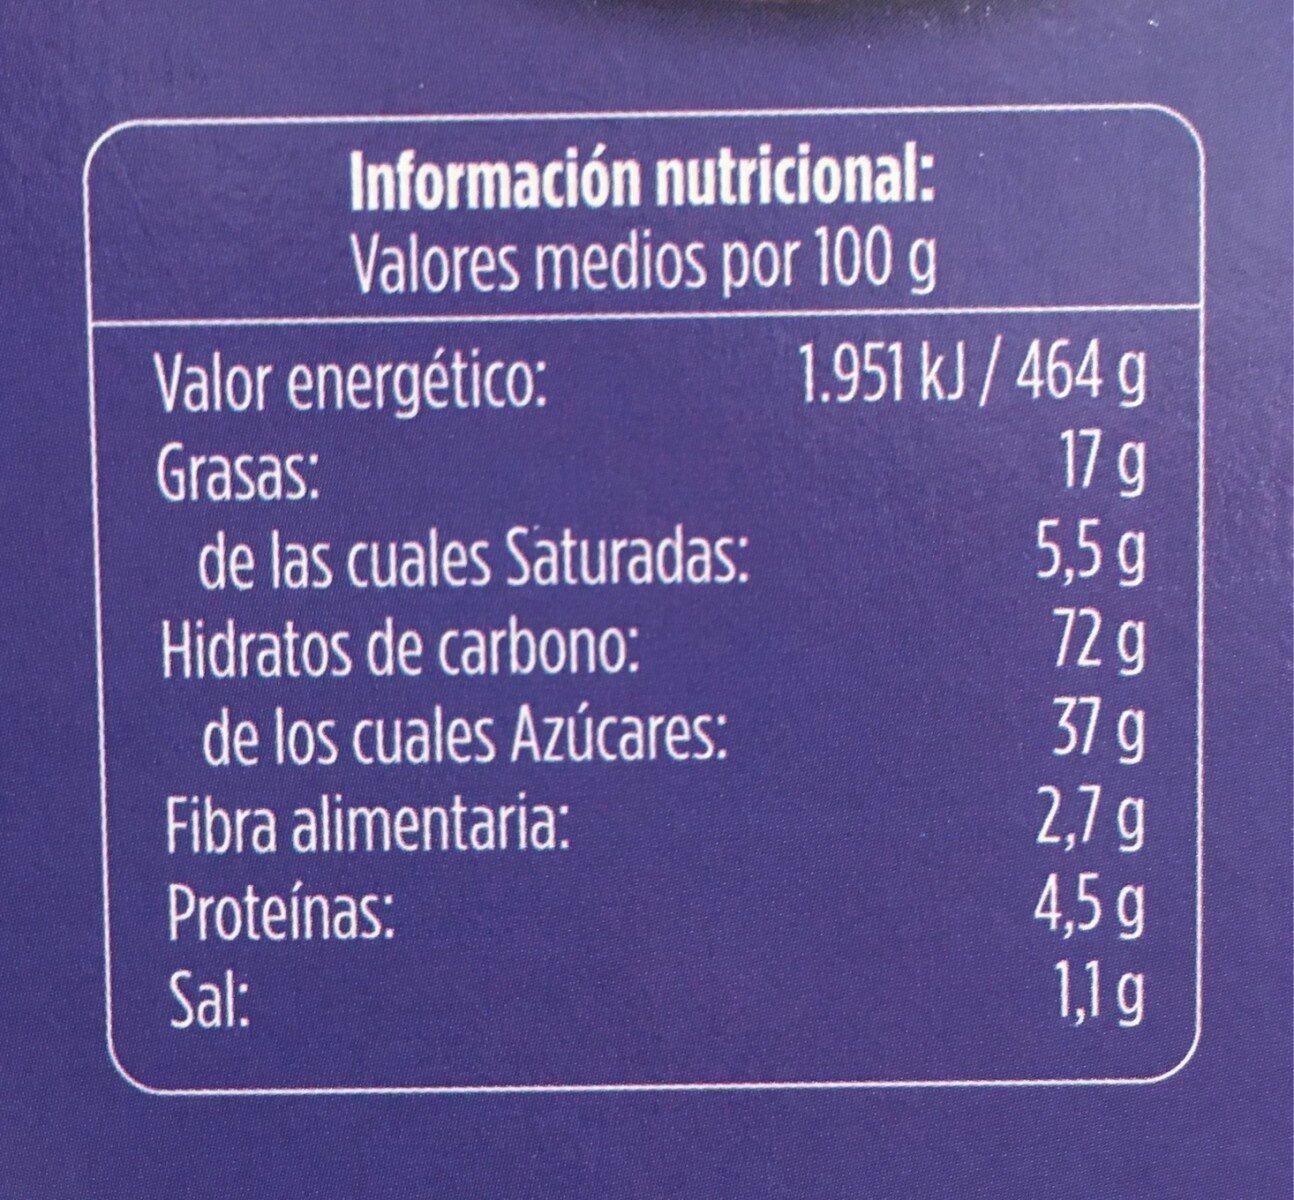 Galleta de cacao rellena de crema - Nutrition facts